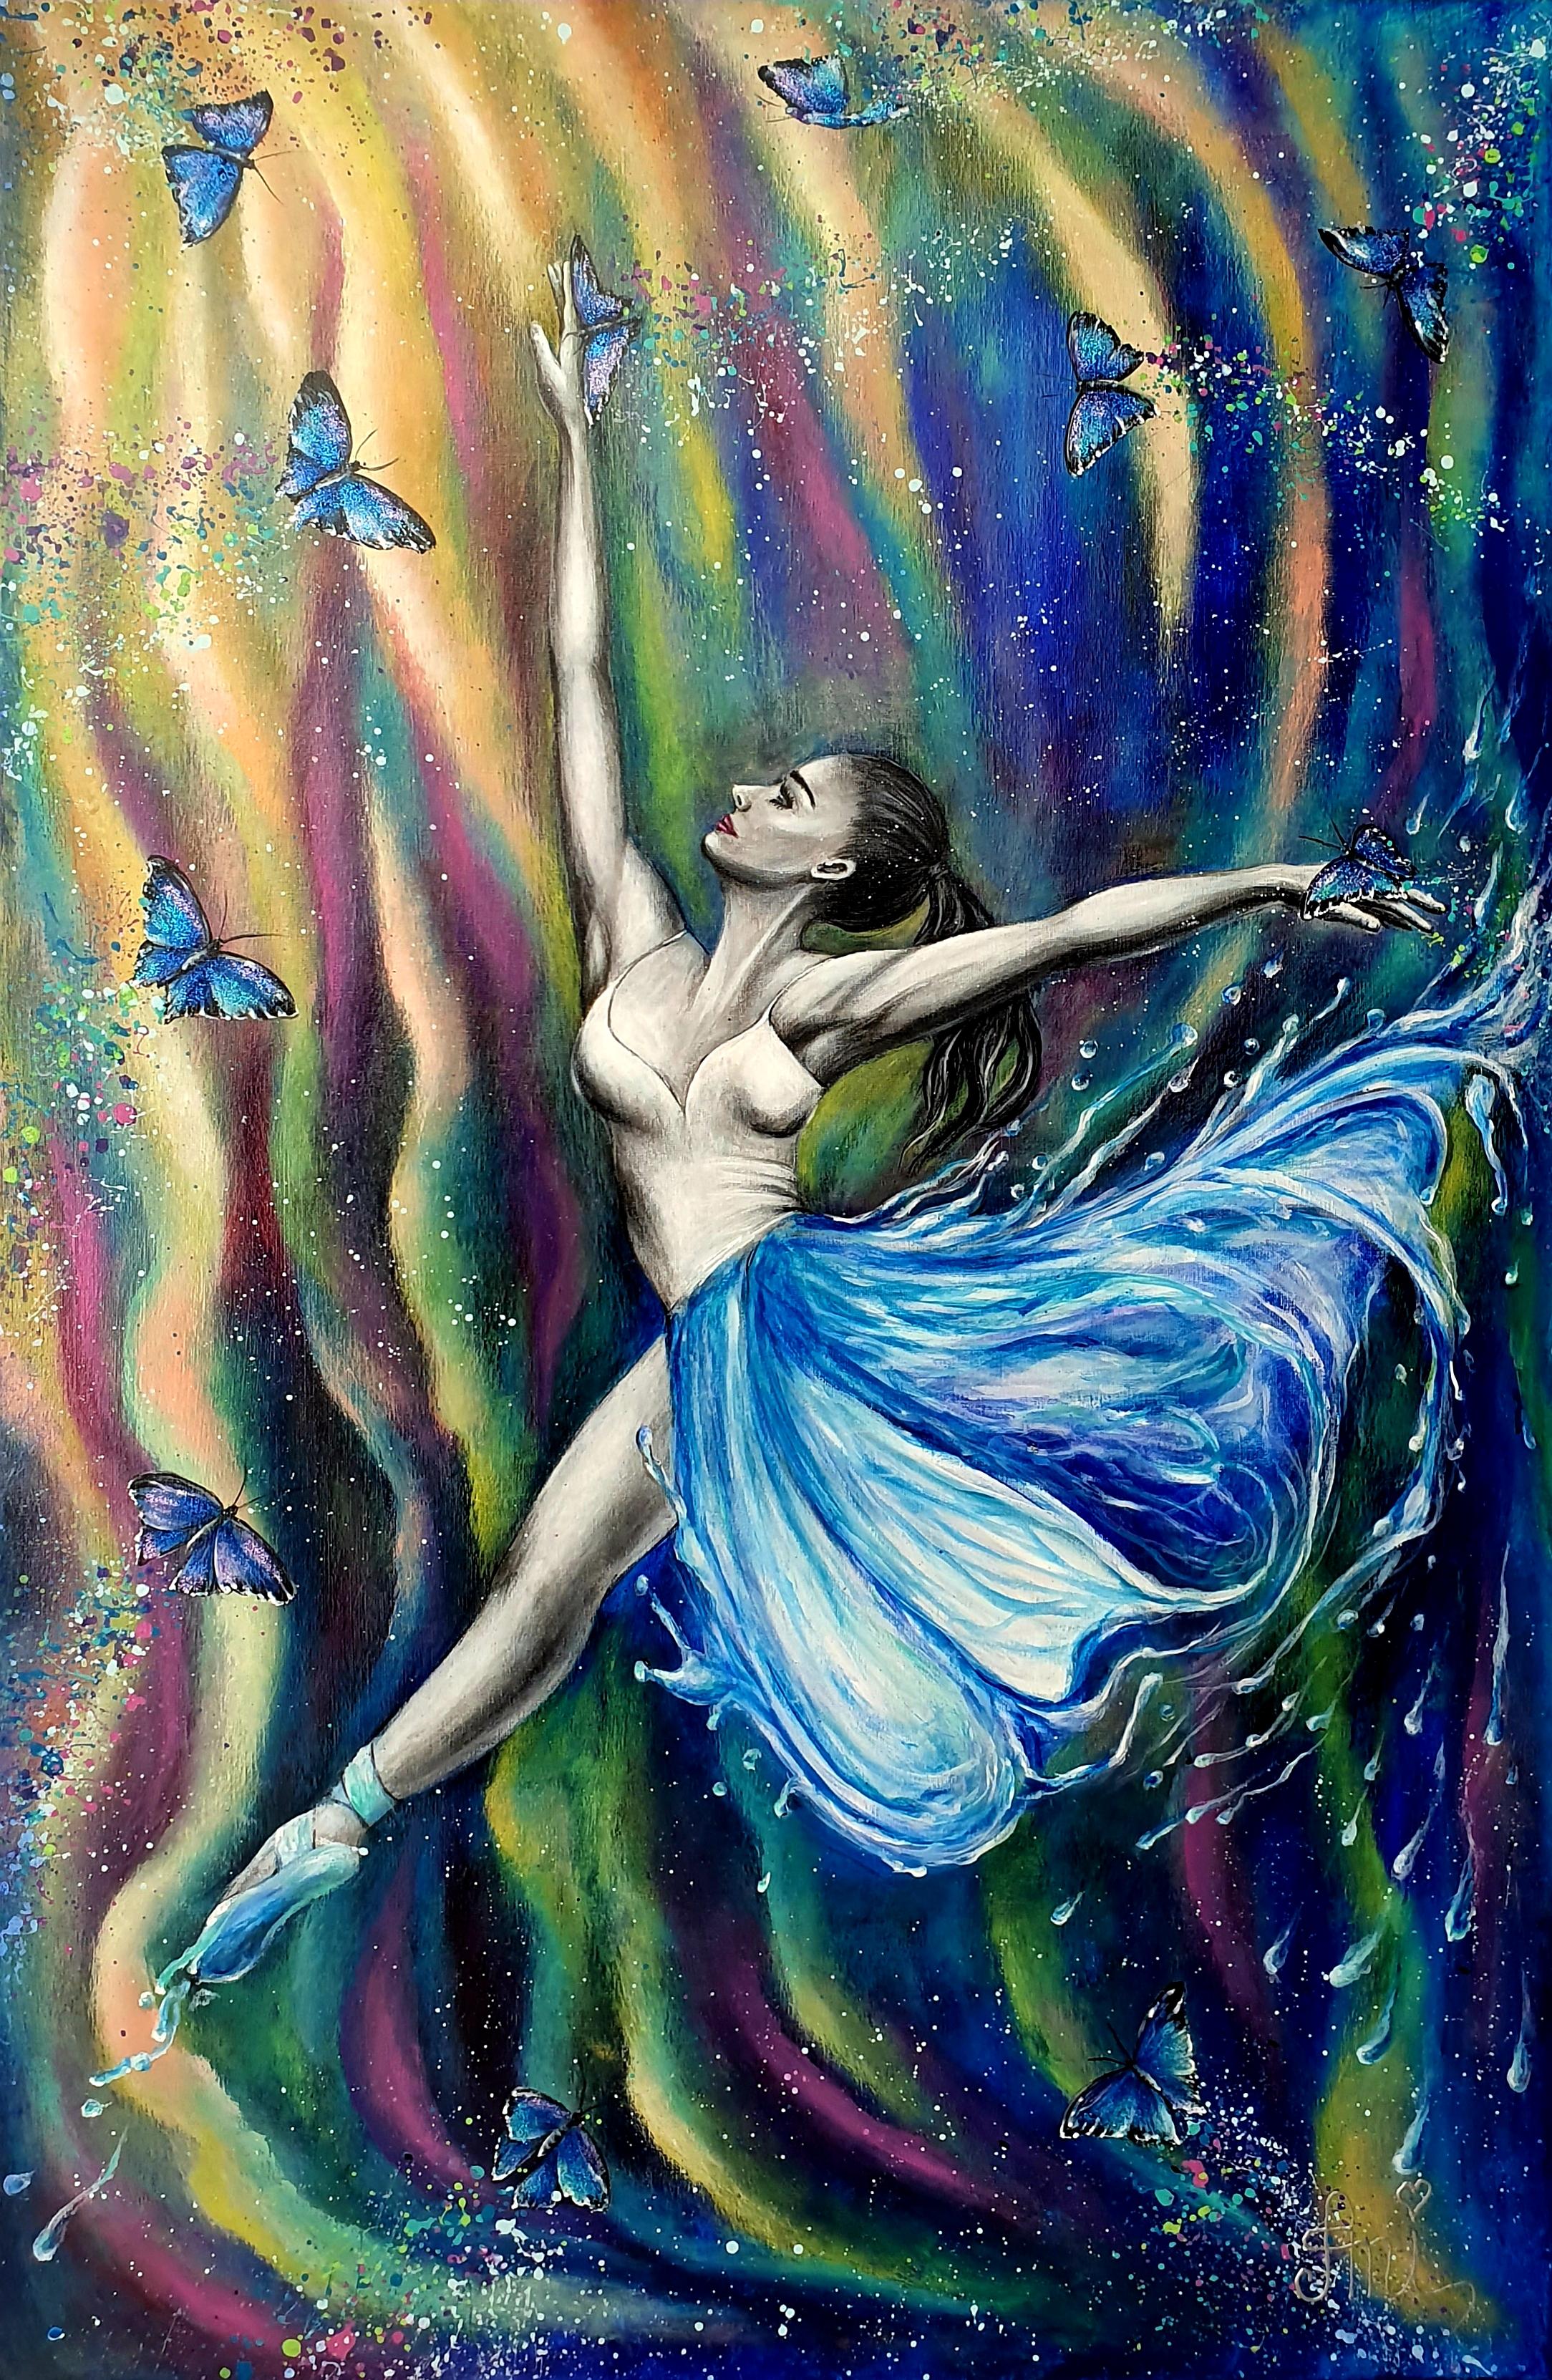 Une dernière danse:  Peinture acrylique sur toile, 115cm x 75cm  Prix: 1250€ + frais de port